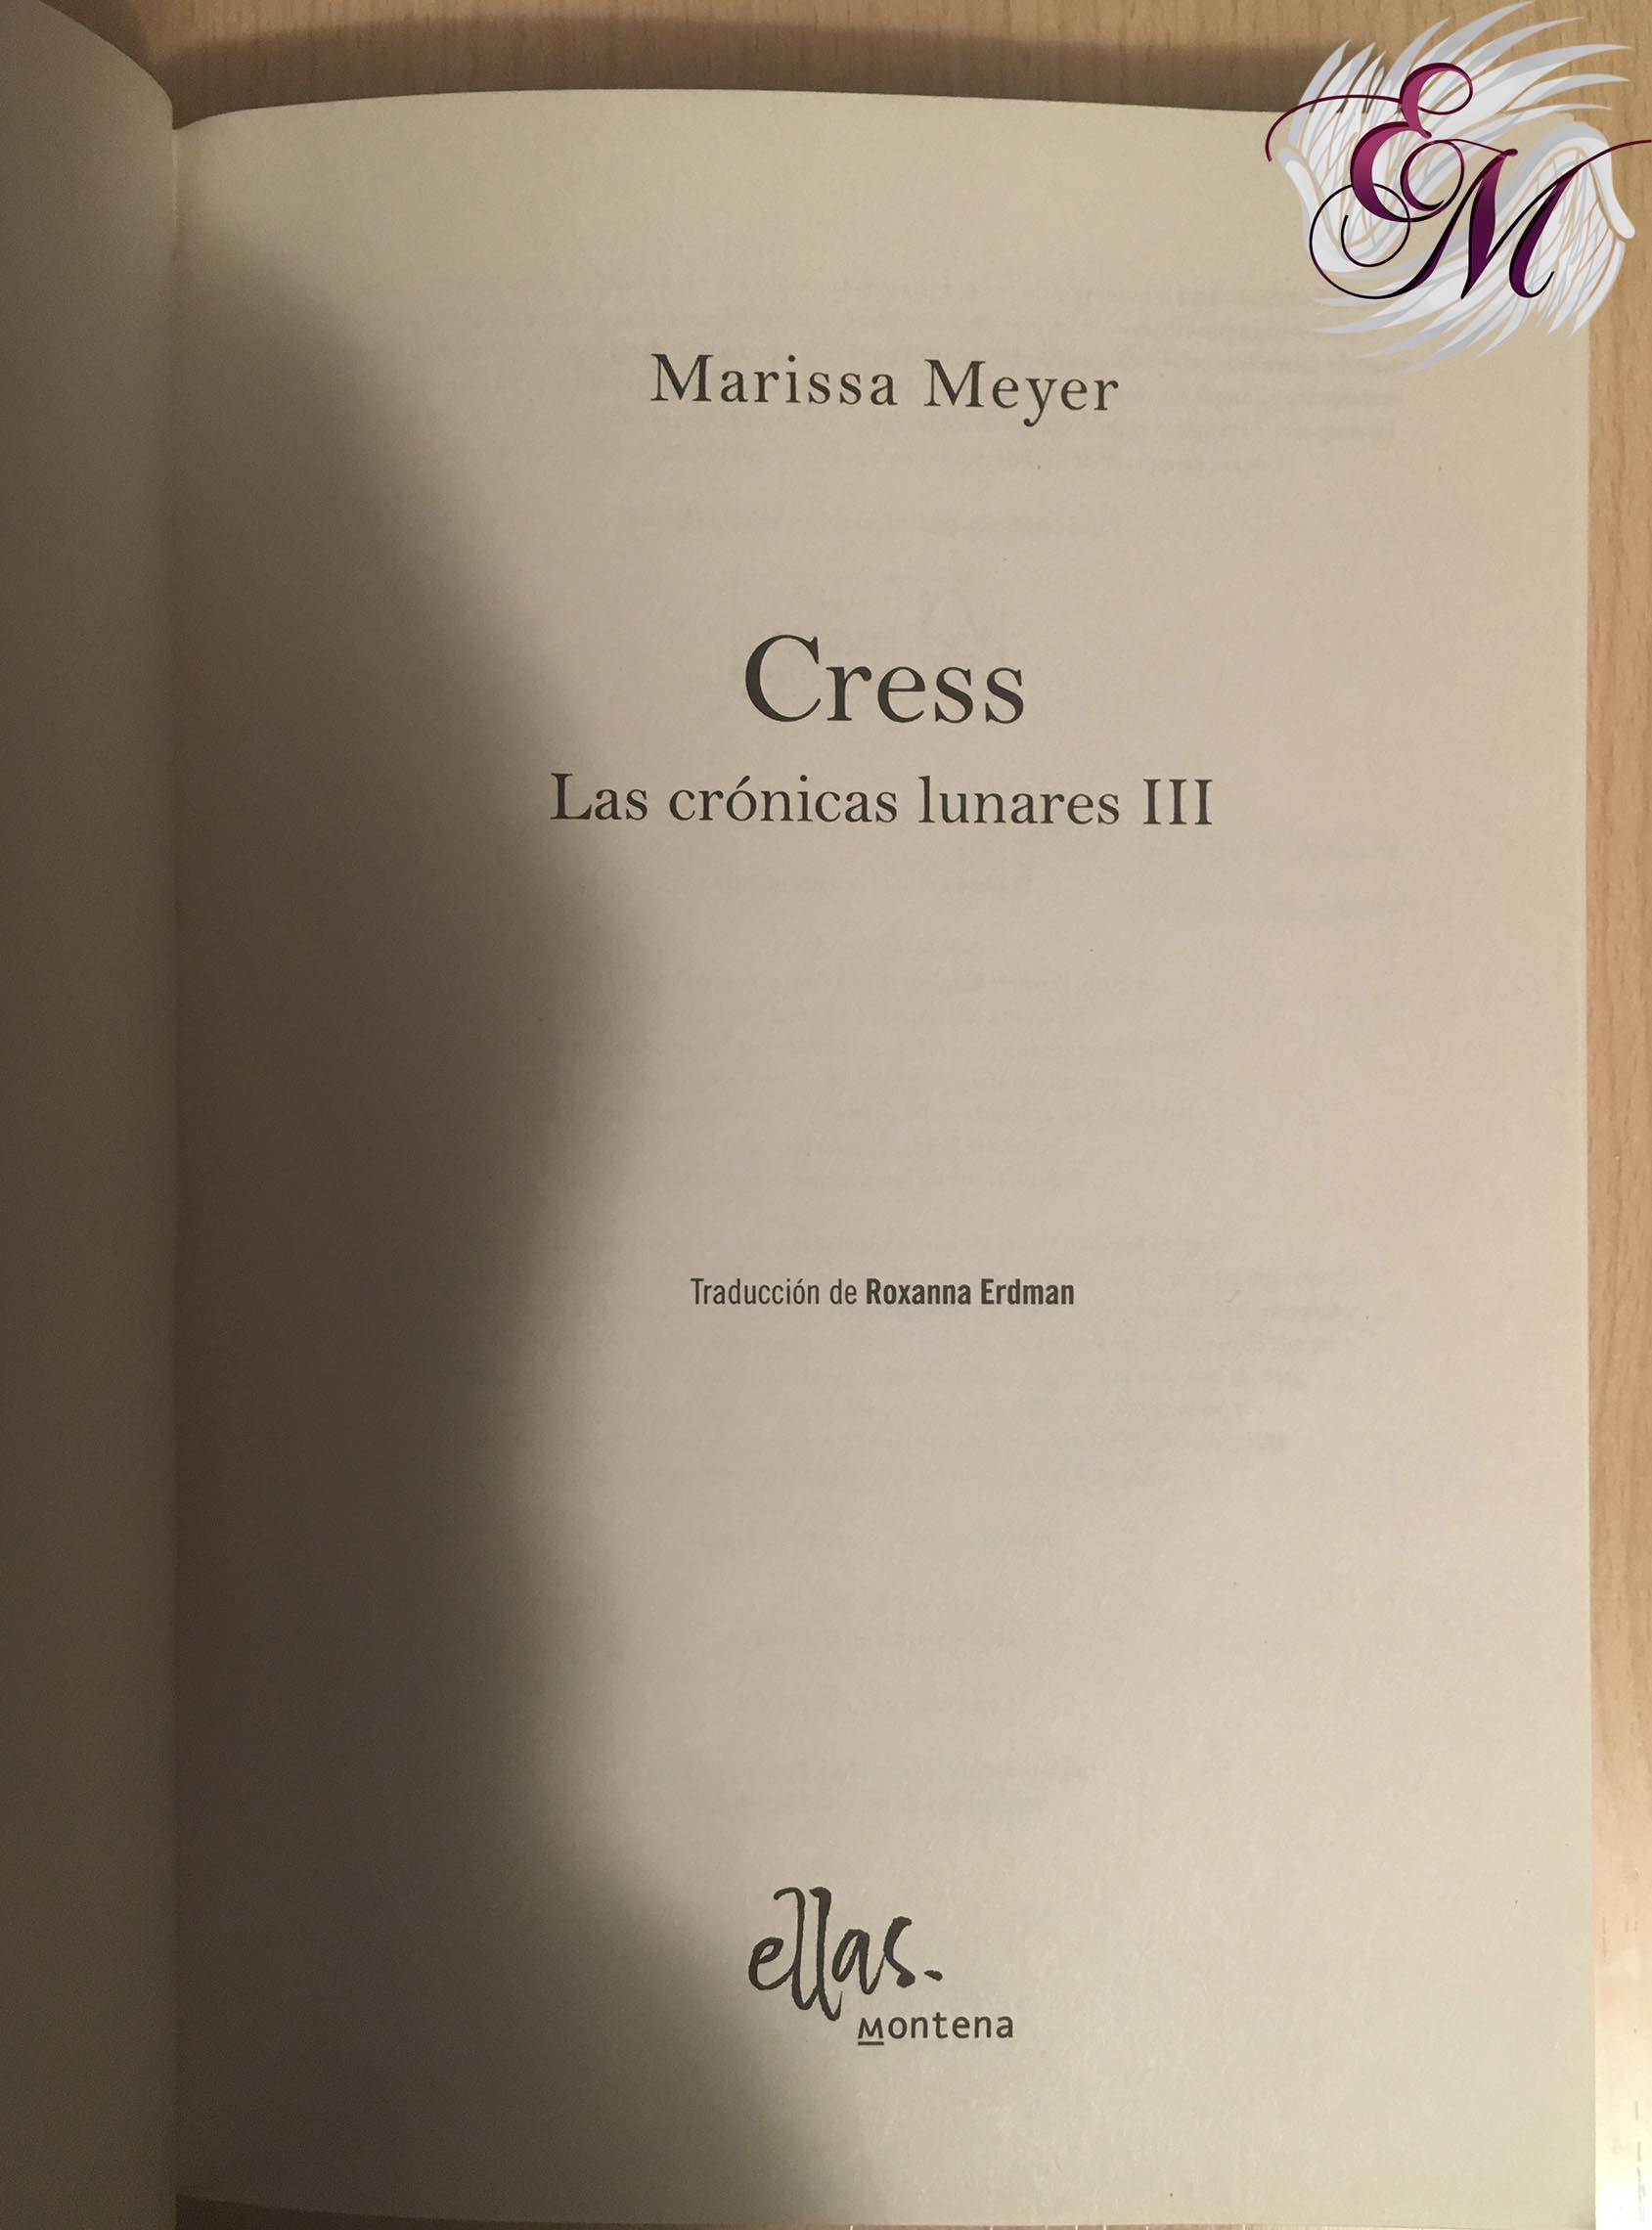 Cress, de Marissa Meyer - Reseña